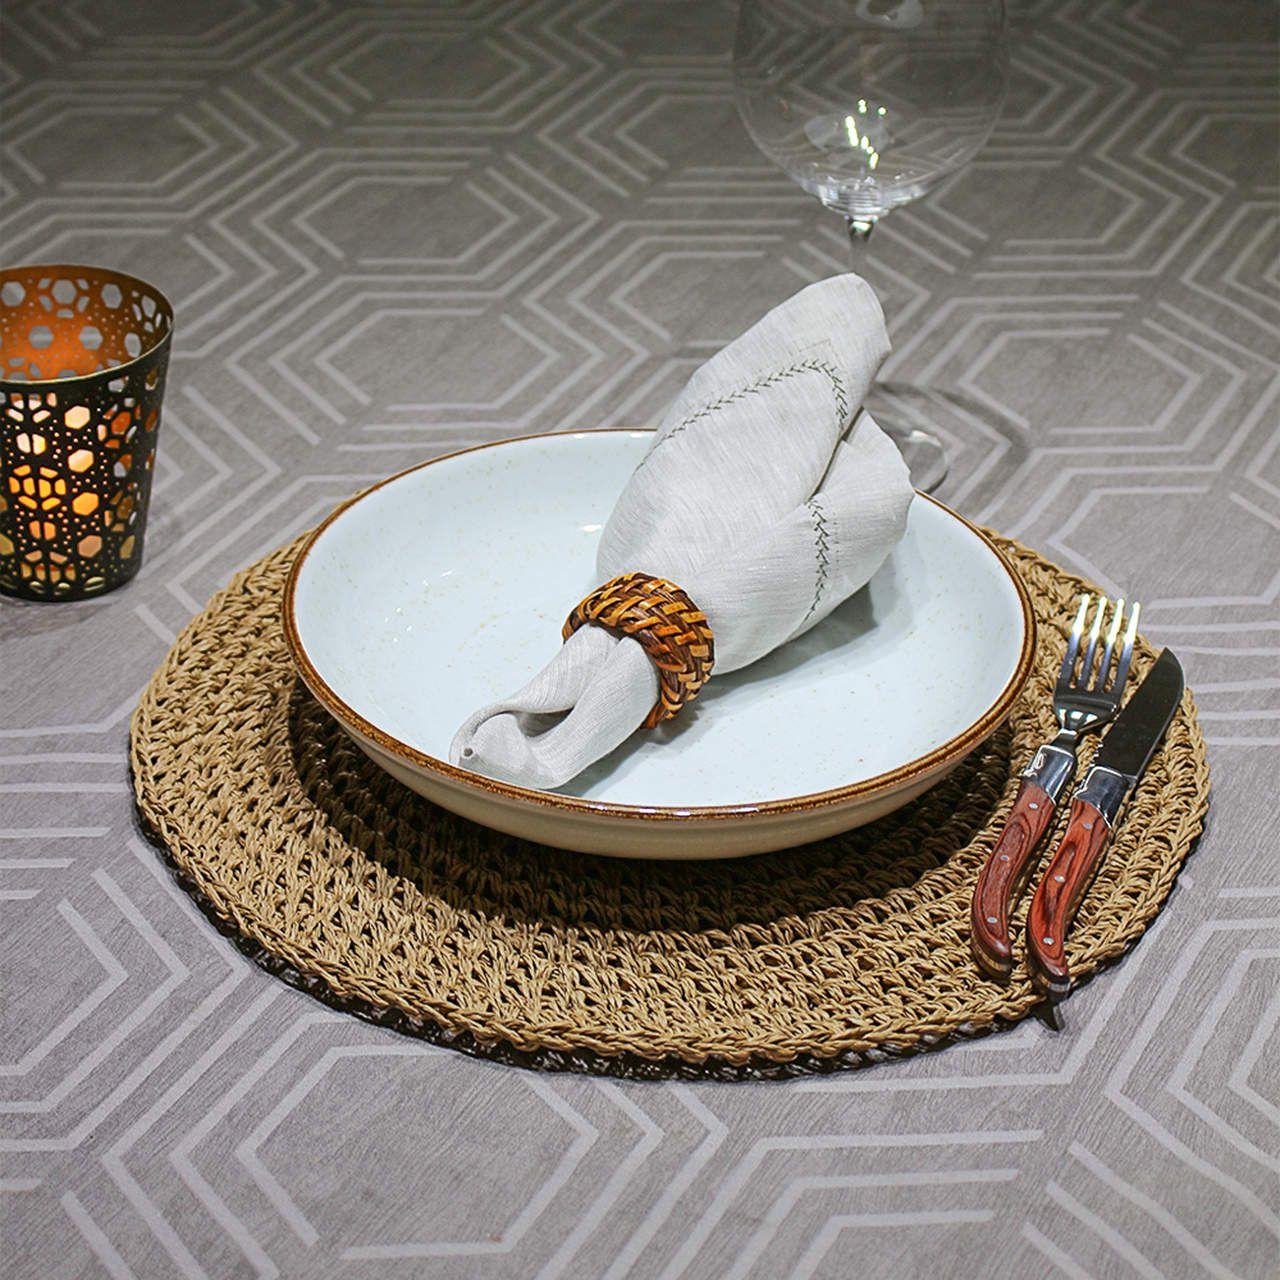 Jogo com 4 Pratos para Pasta Artisan Blanc, 4 aneis p/ Guardanapo Rattan e 4 peças de Jogo Americano Fendi